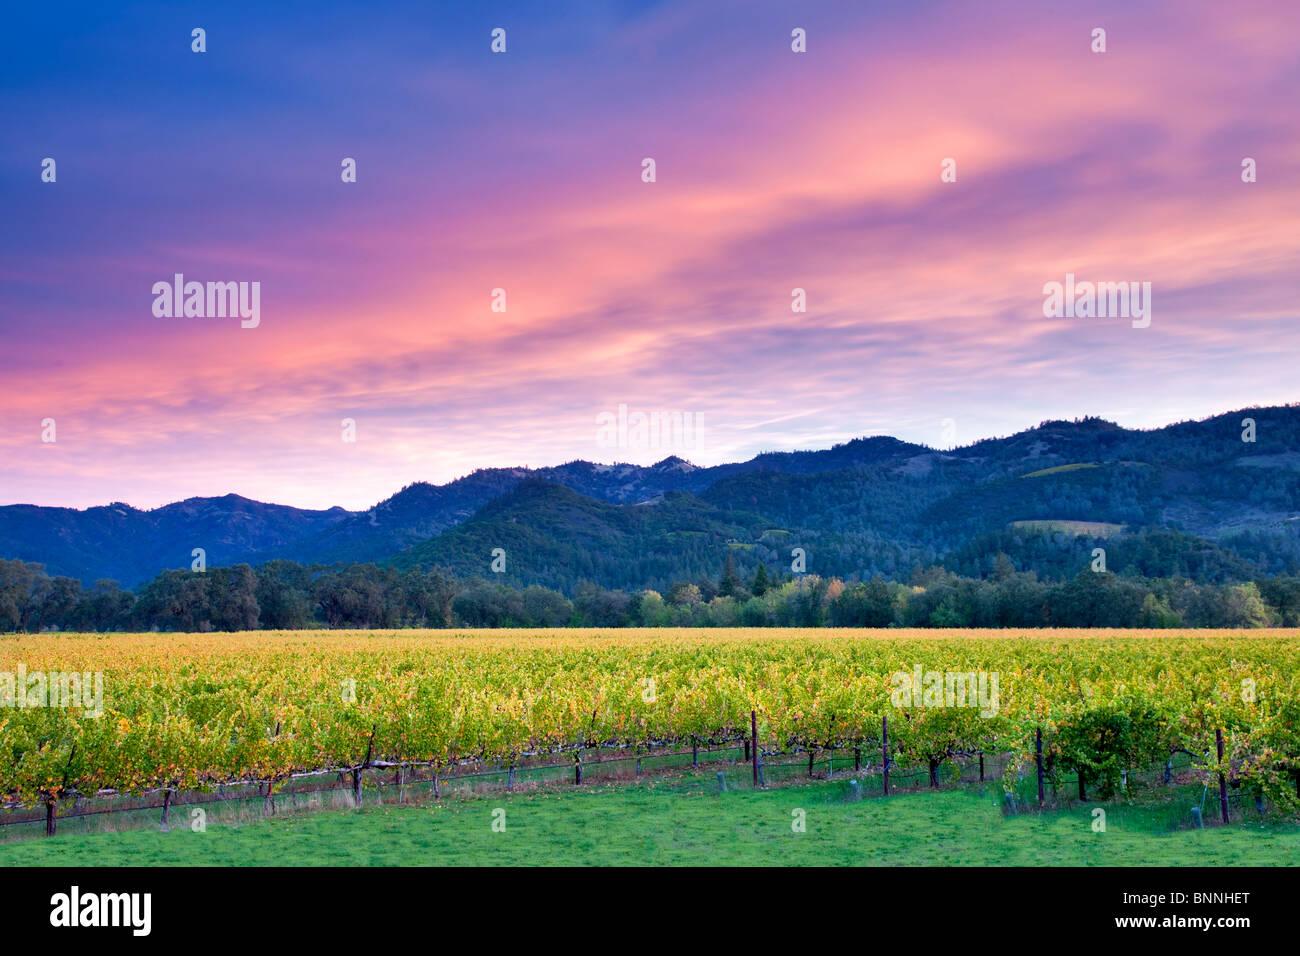 Lever de Soleil sur le vignoble de la vallée de Napa avec la couleur de l'automne. Californie Photo Stock